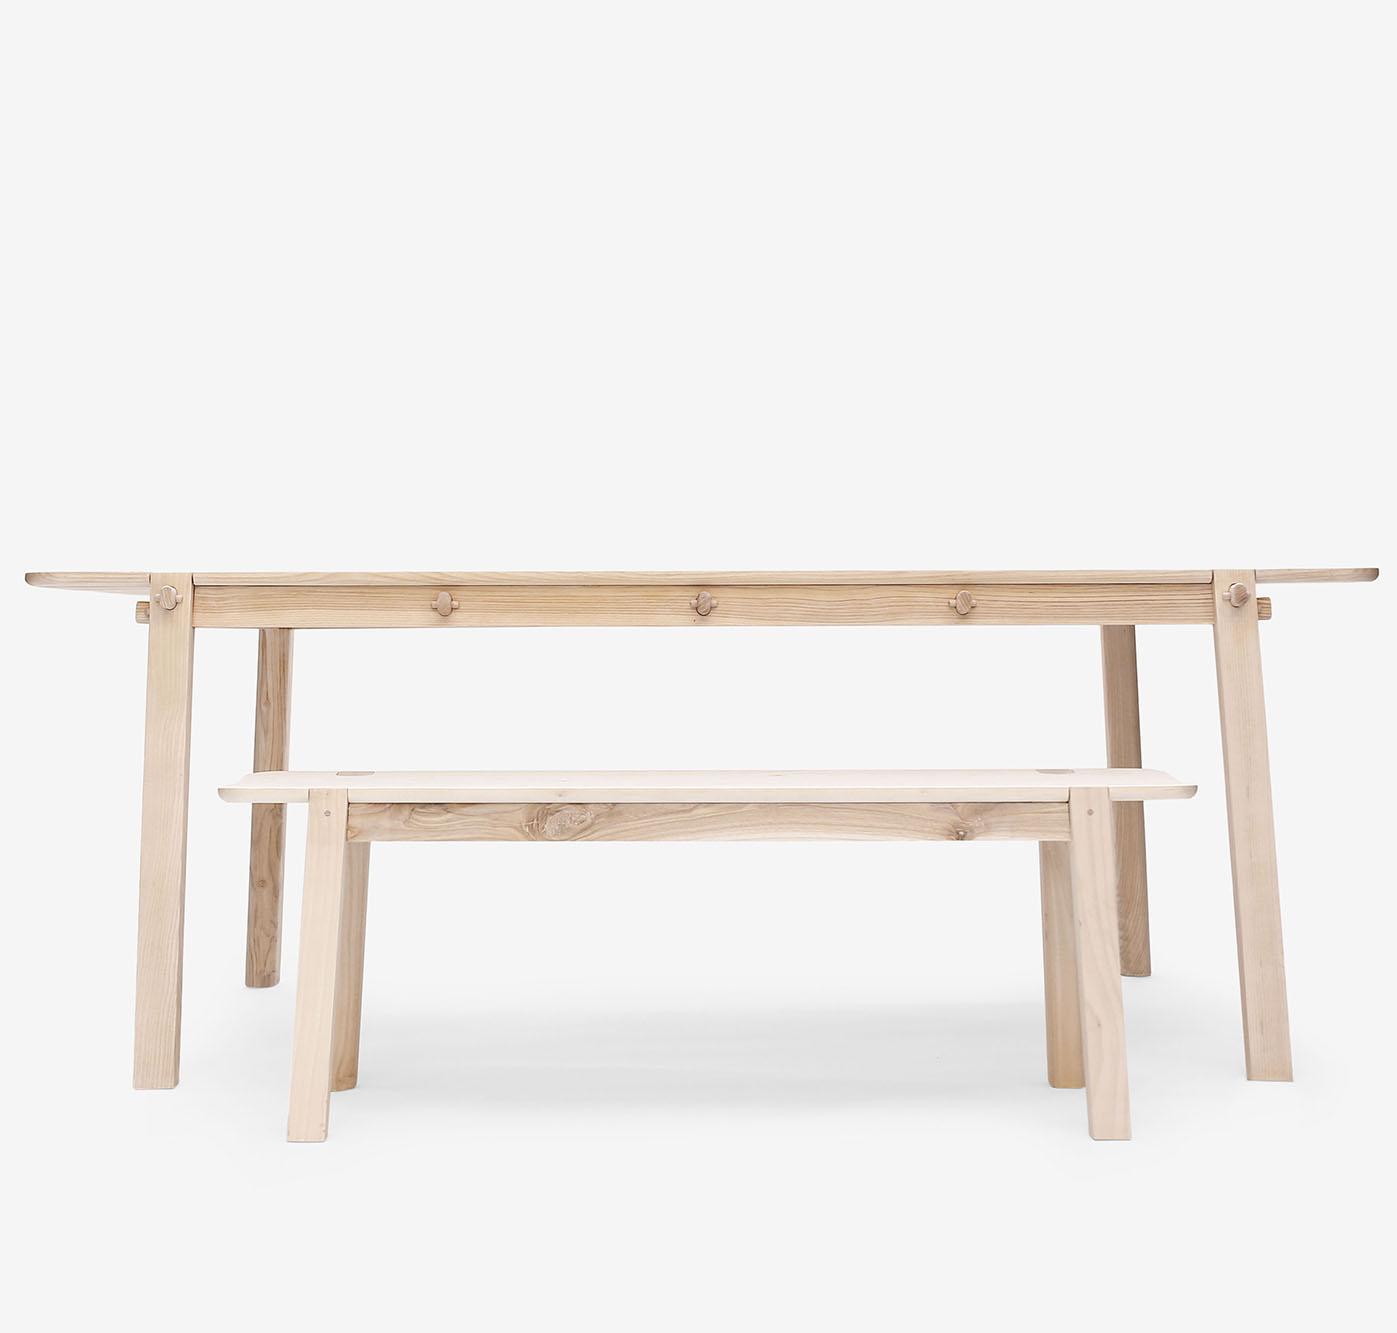 1furn_bench&table_bøøt